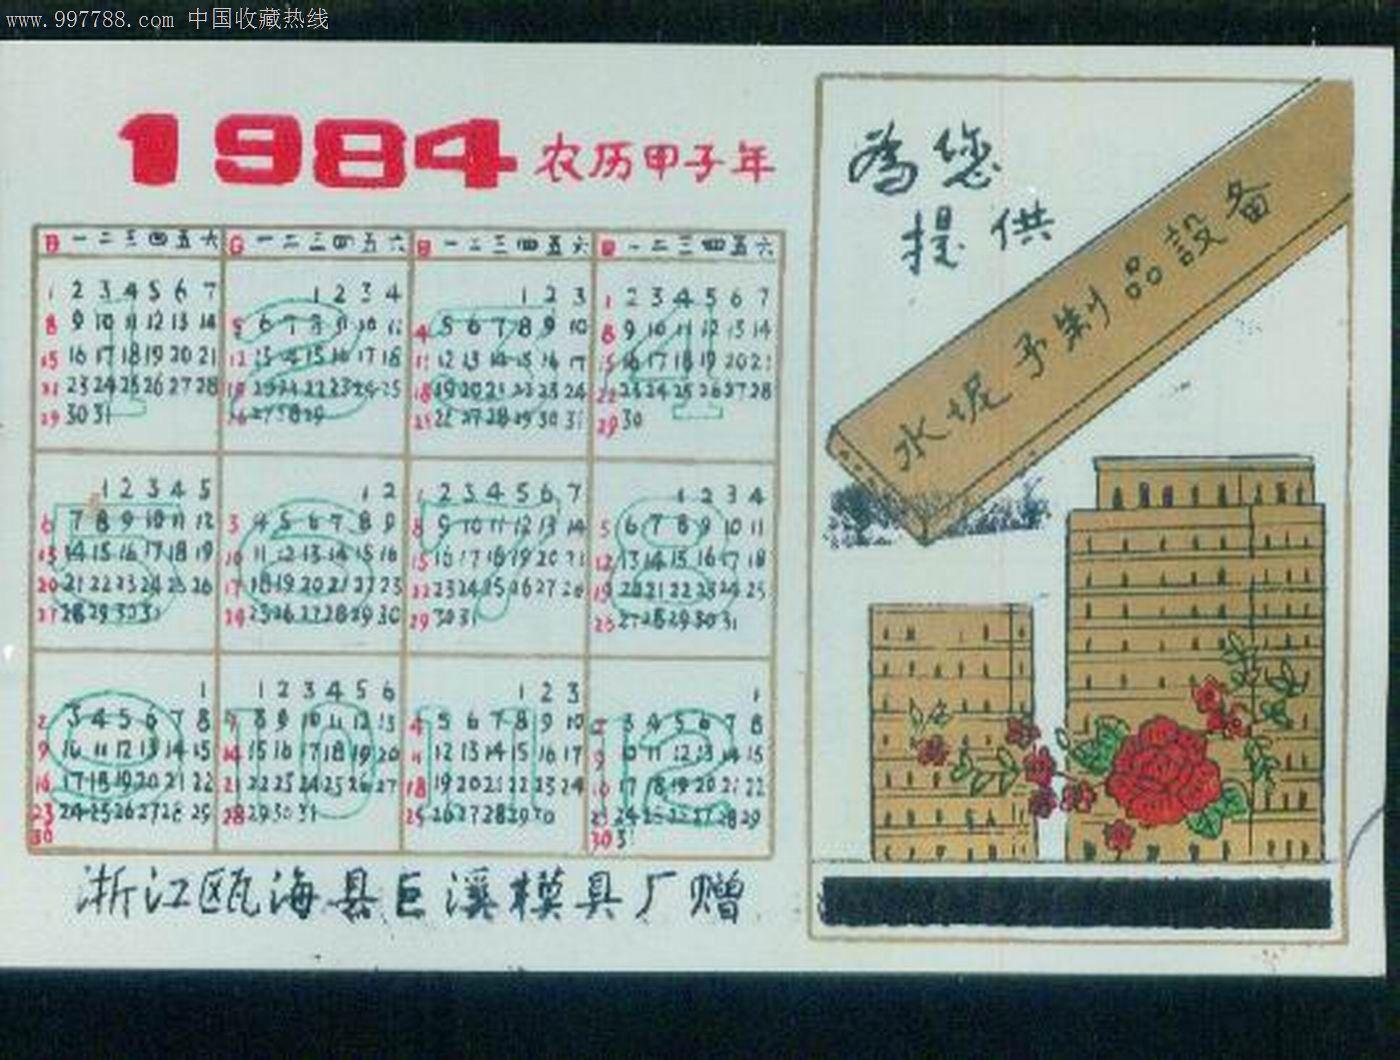 1984年单位年历片图片